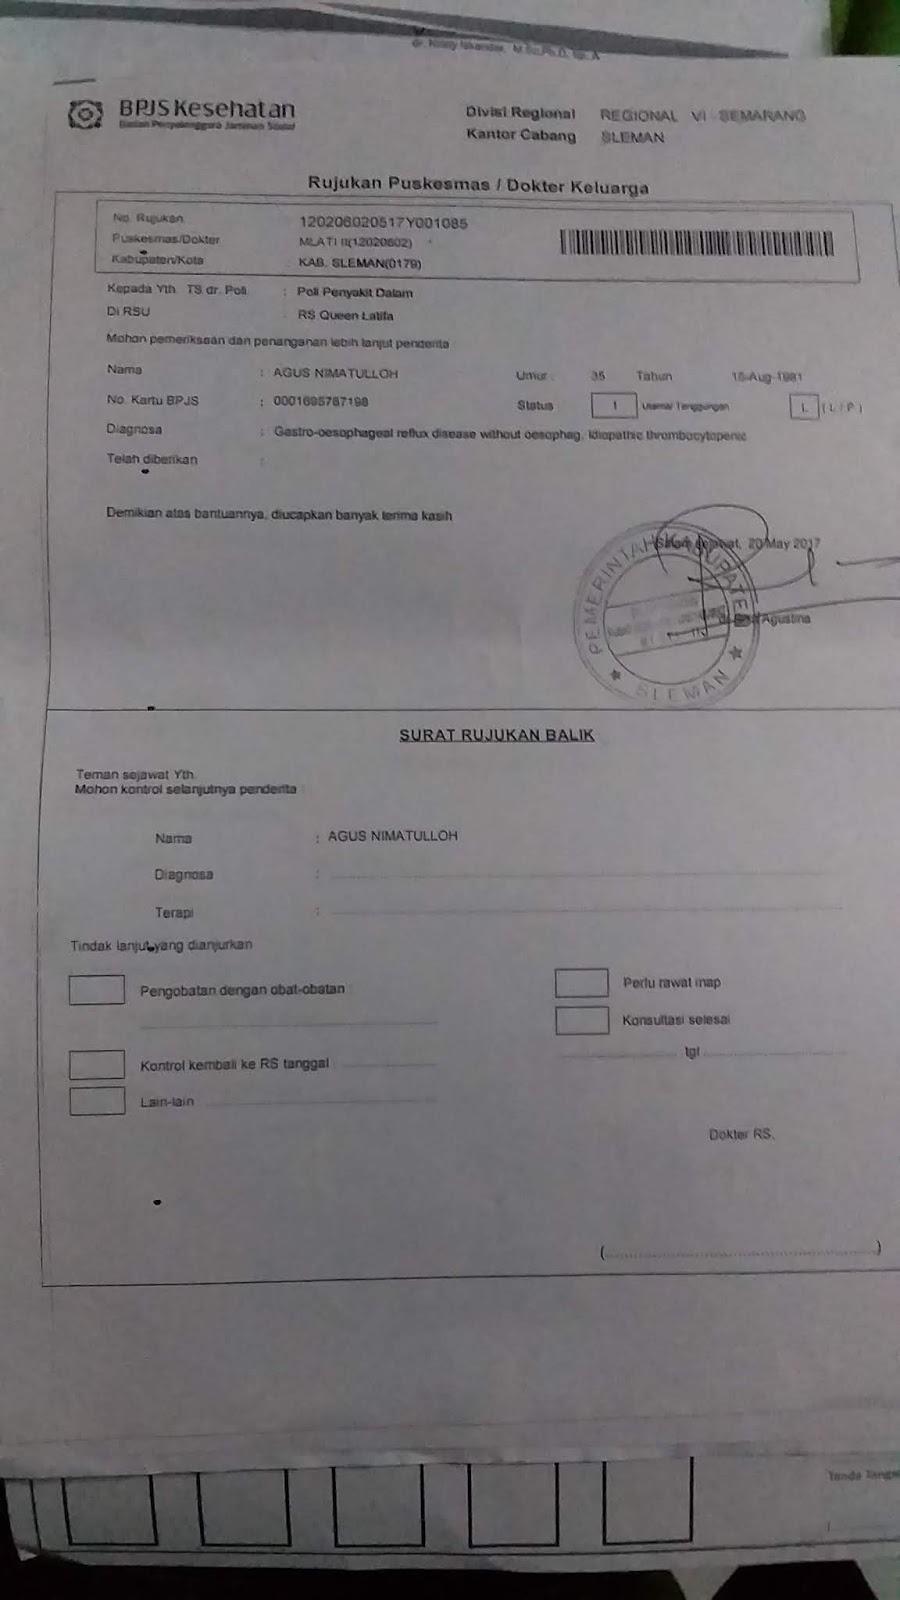 Contoh Surat Rujukan Bpjs Dari Faskes 1 Satu